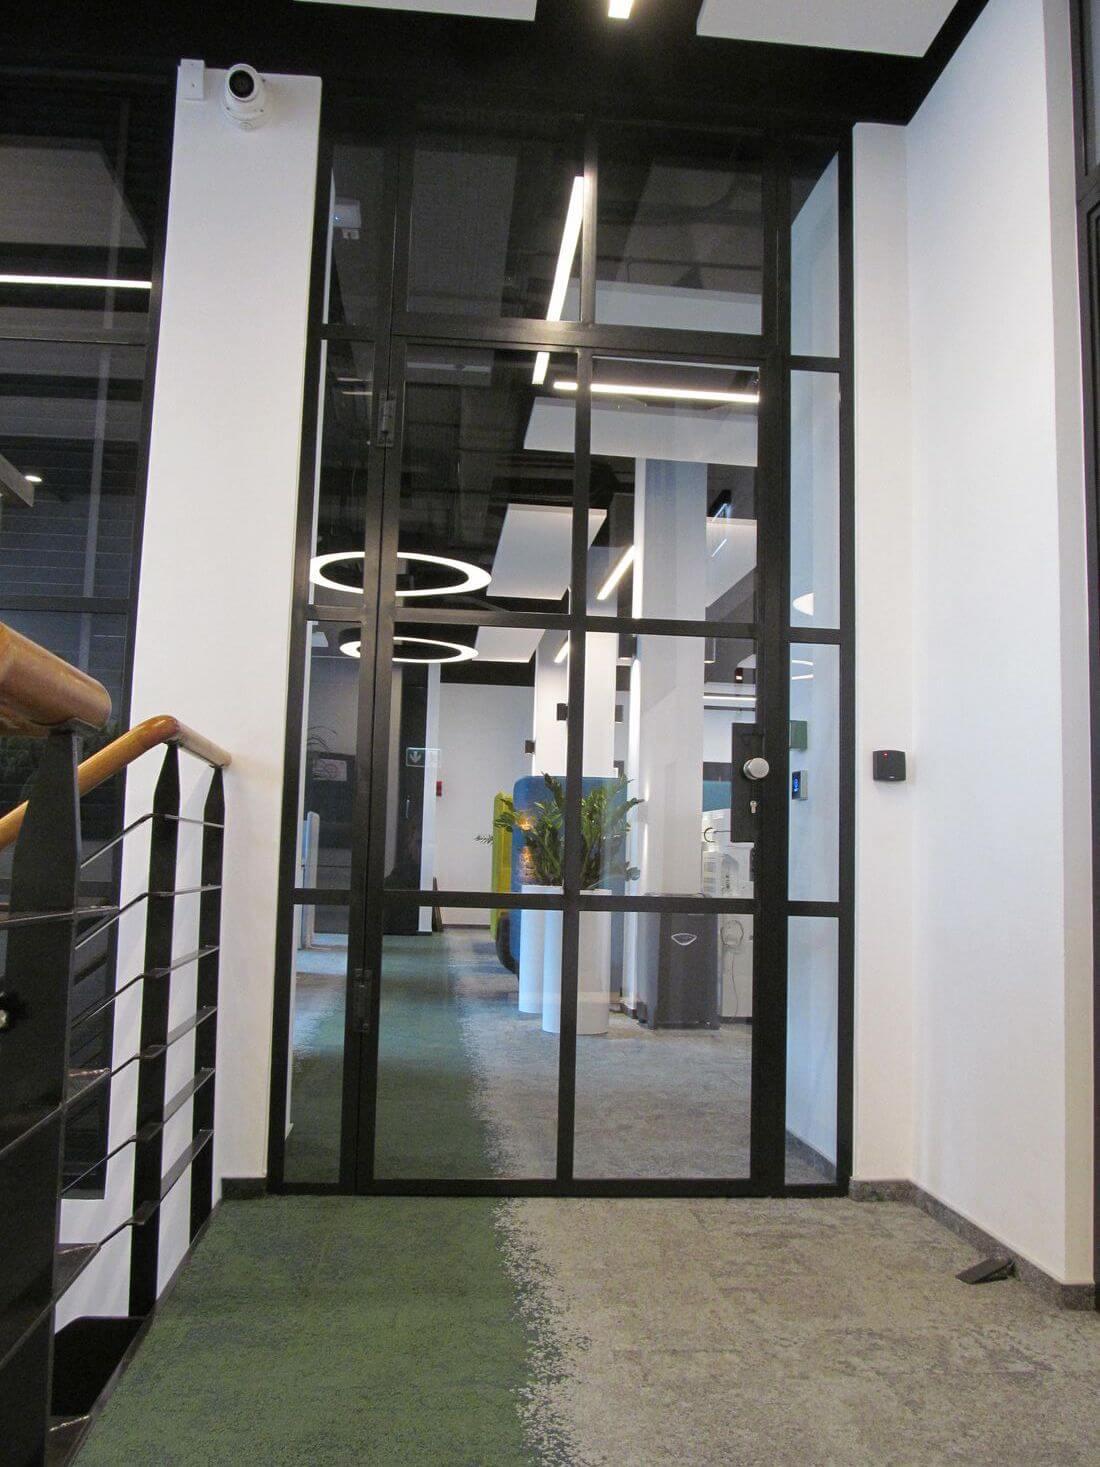 Drzwi Loftowe Czarne Metalowe w biurze EIP wraz z industrialną przeszkloną ramą otaczającą drzwi